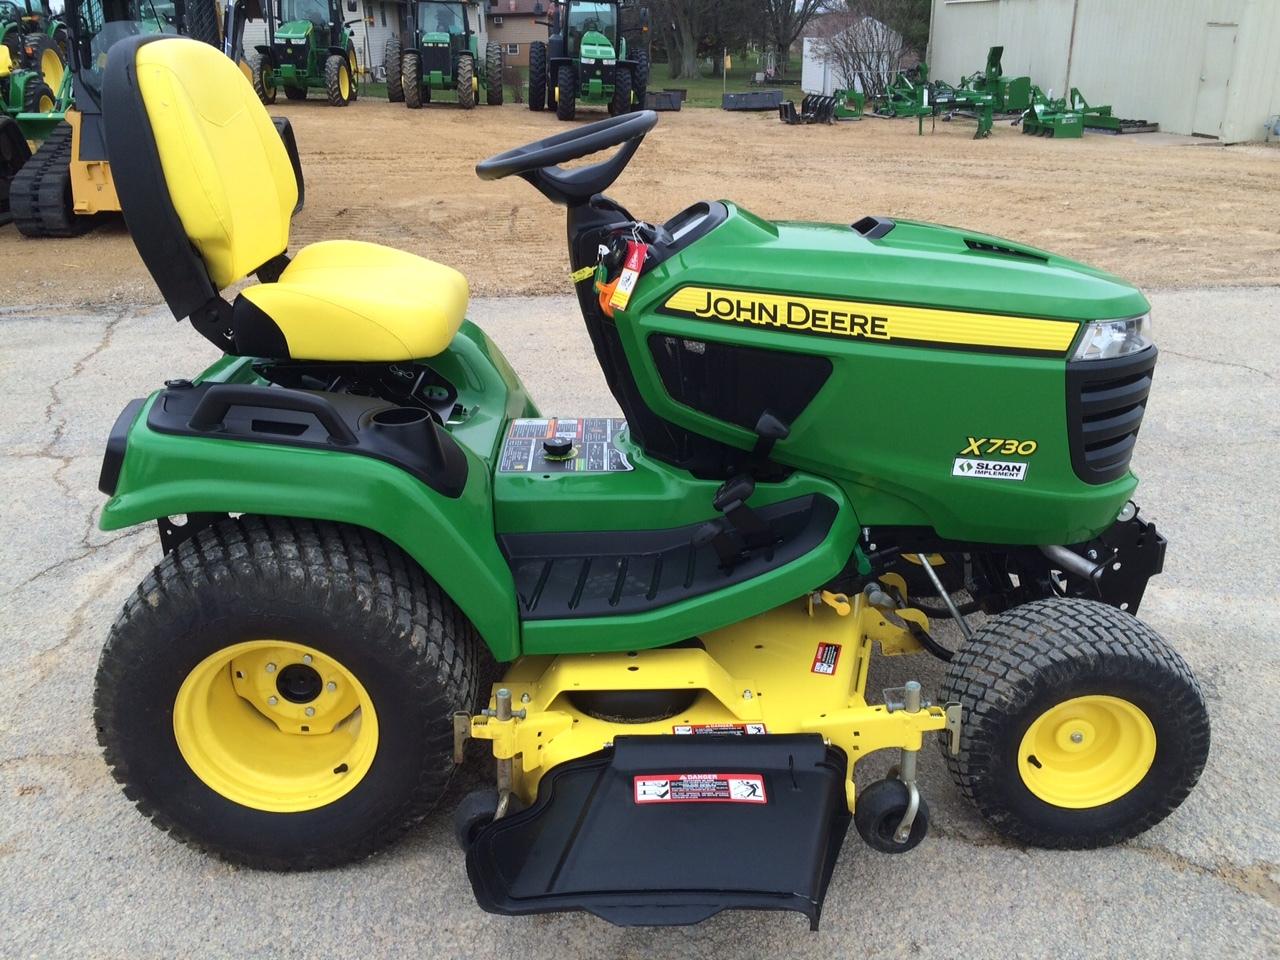 John deere x730 lawn garden tractors for sale 53708 for Lawn garden equipment